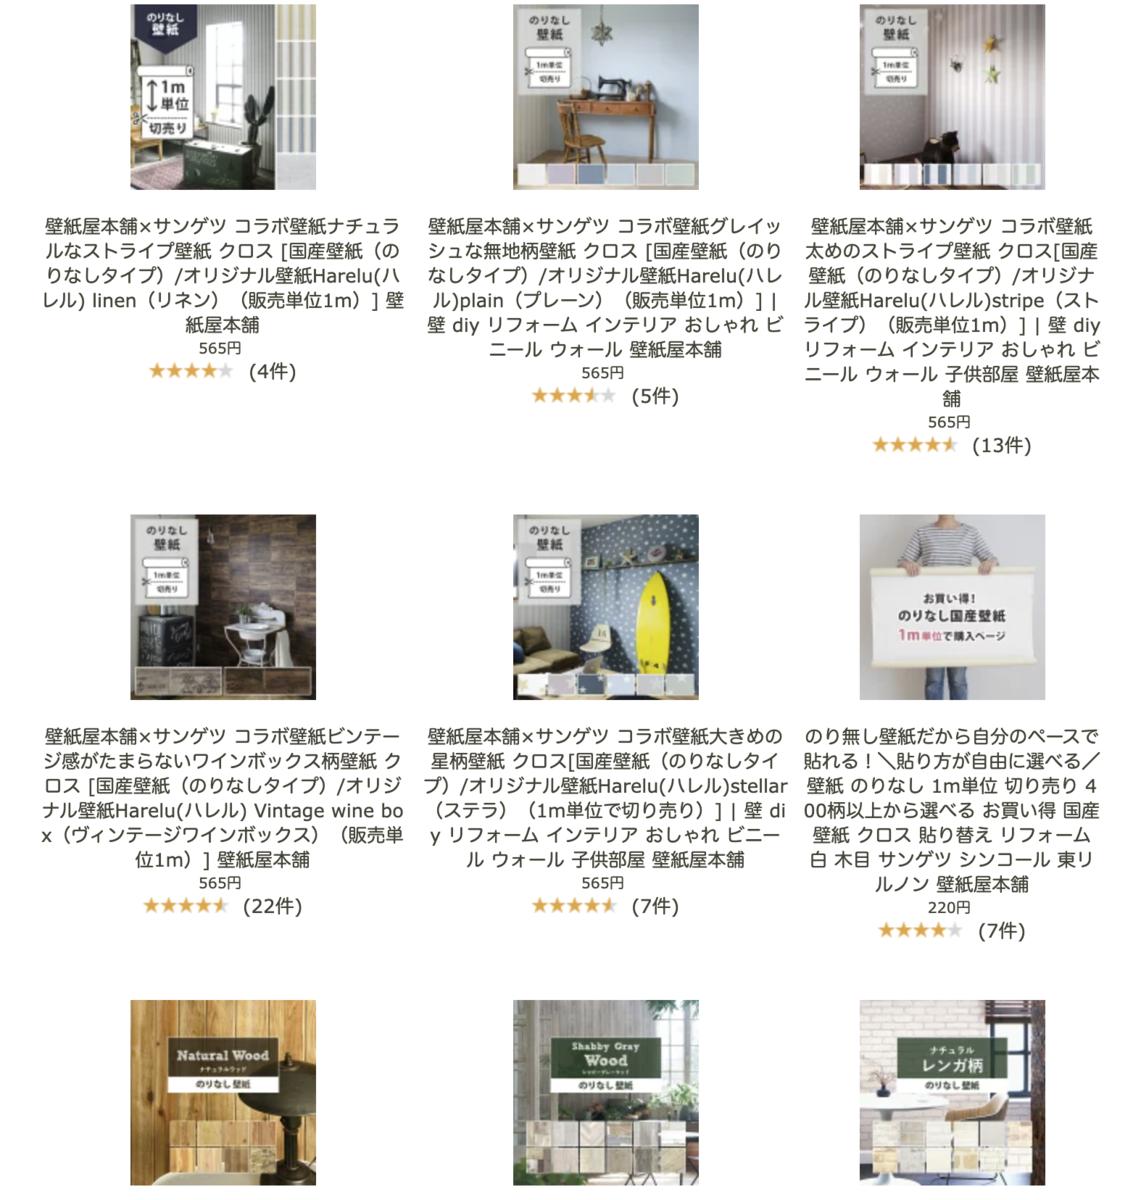 壁紙本舗の商品一覧(一部)